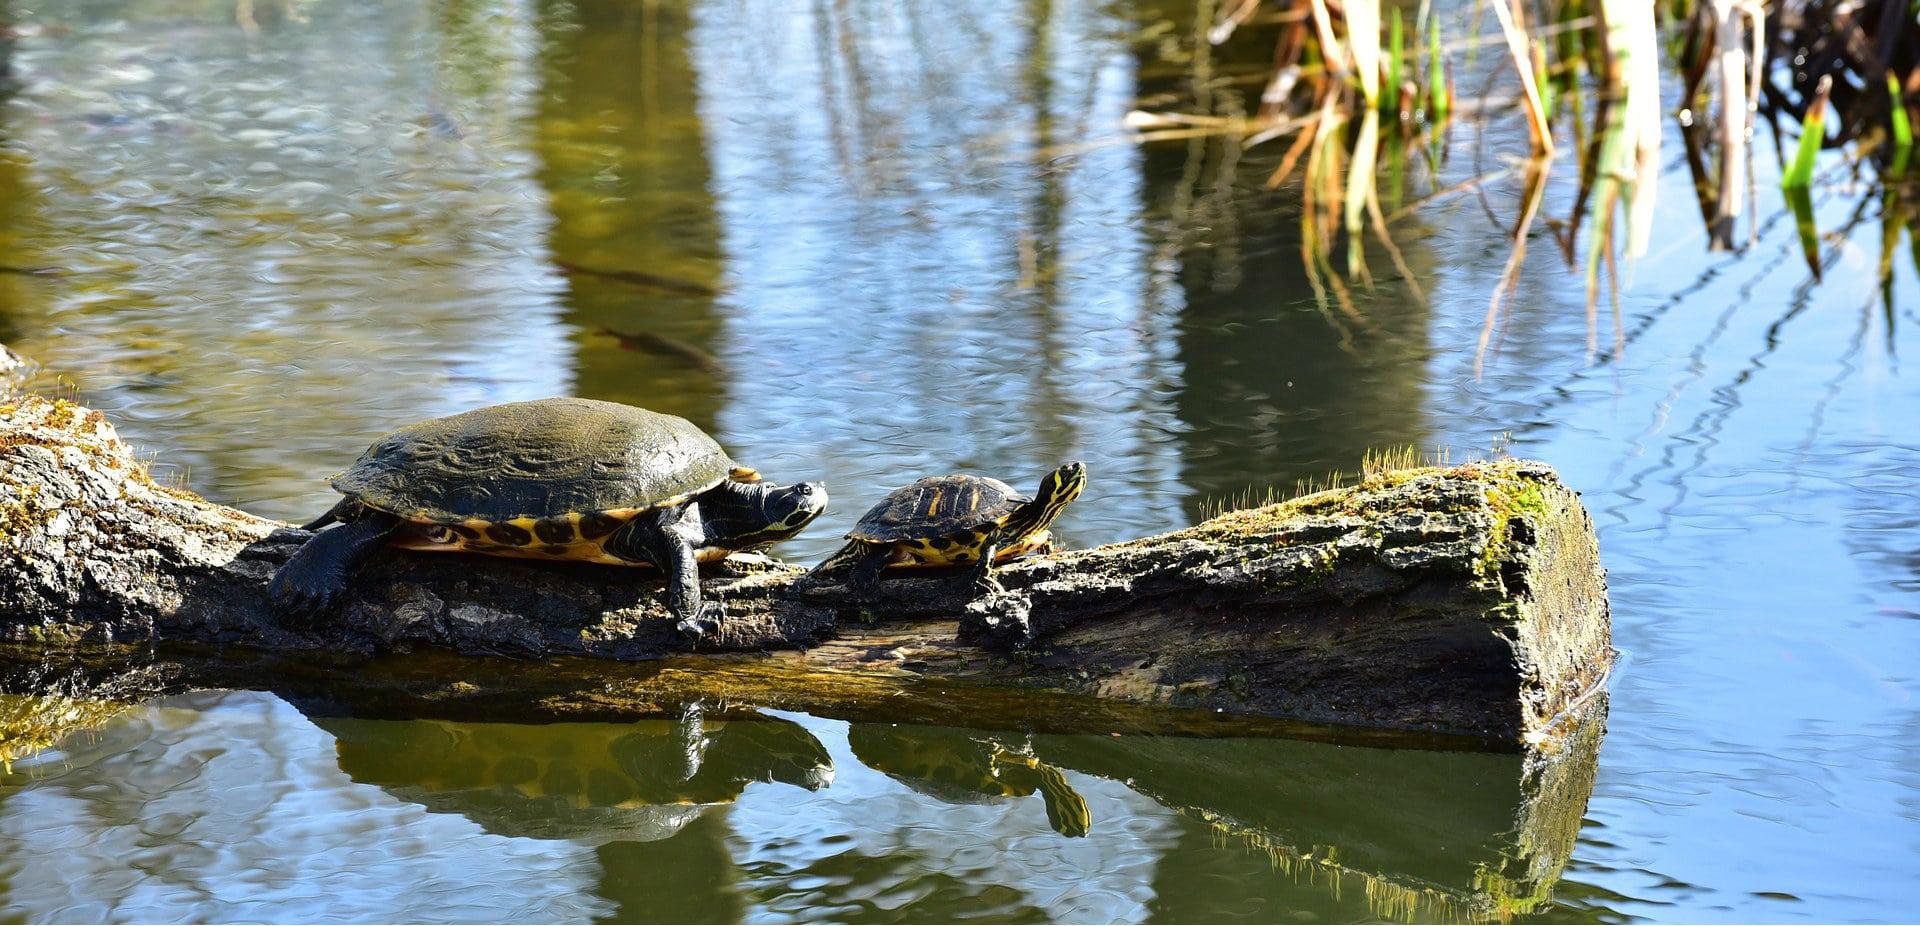 la tortue ira loin